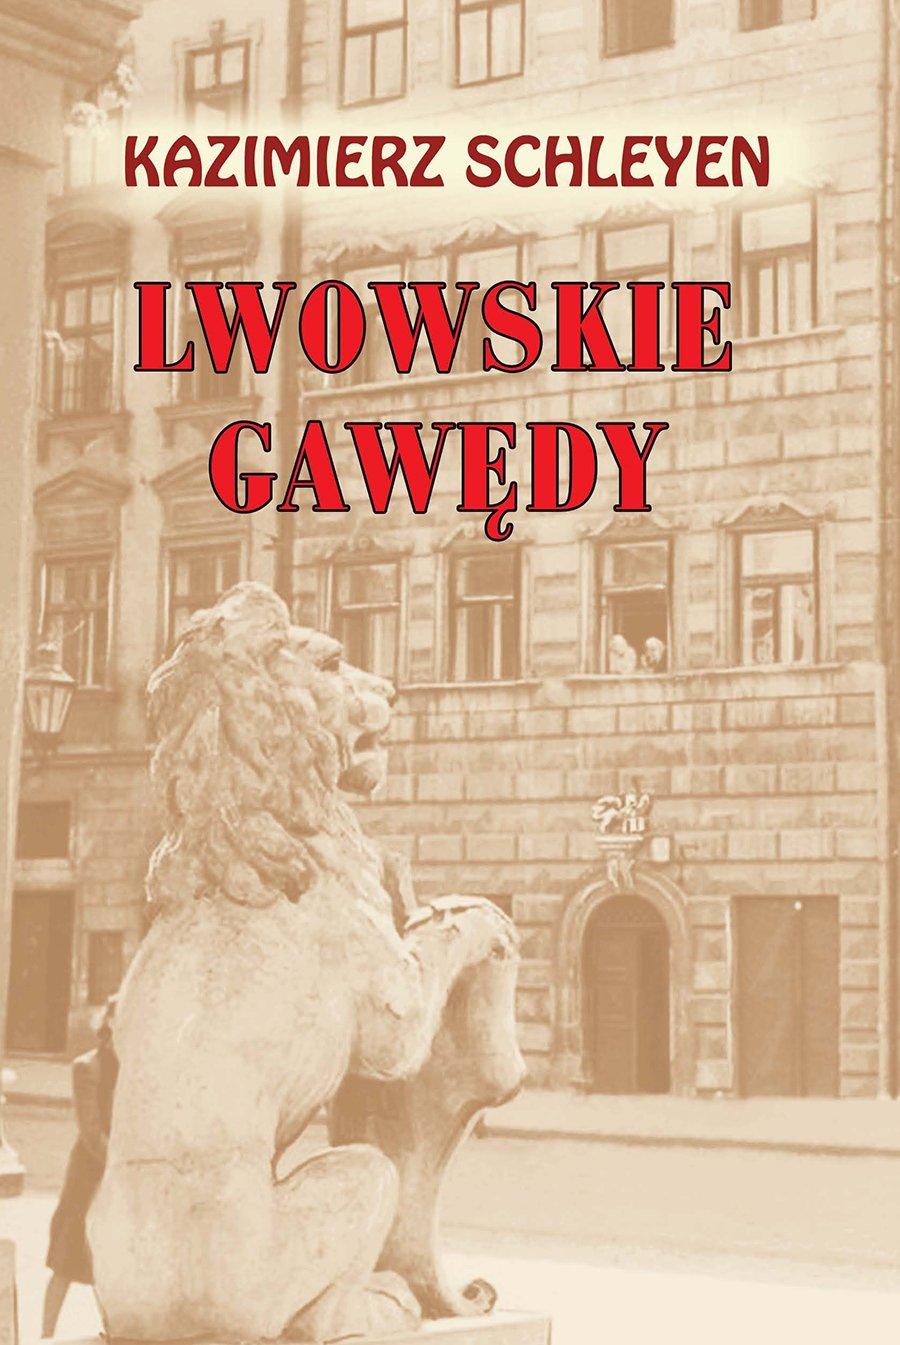 Lwowskie gawędy - Ebook (Książka na Kindle) do pobrania w formacie MOBI